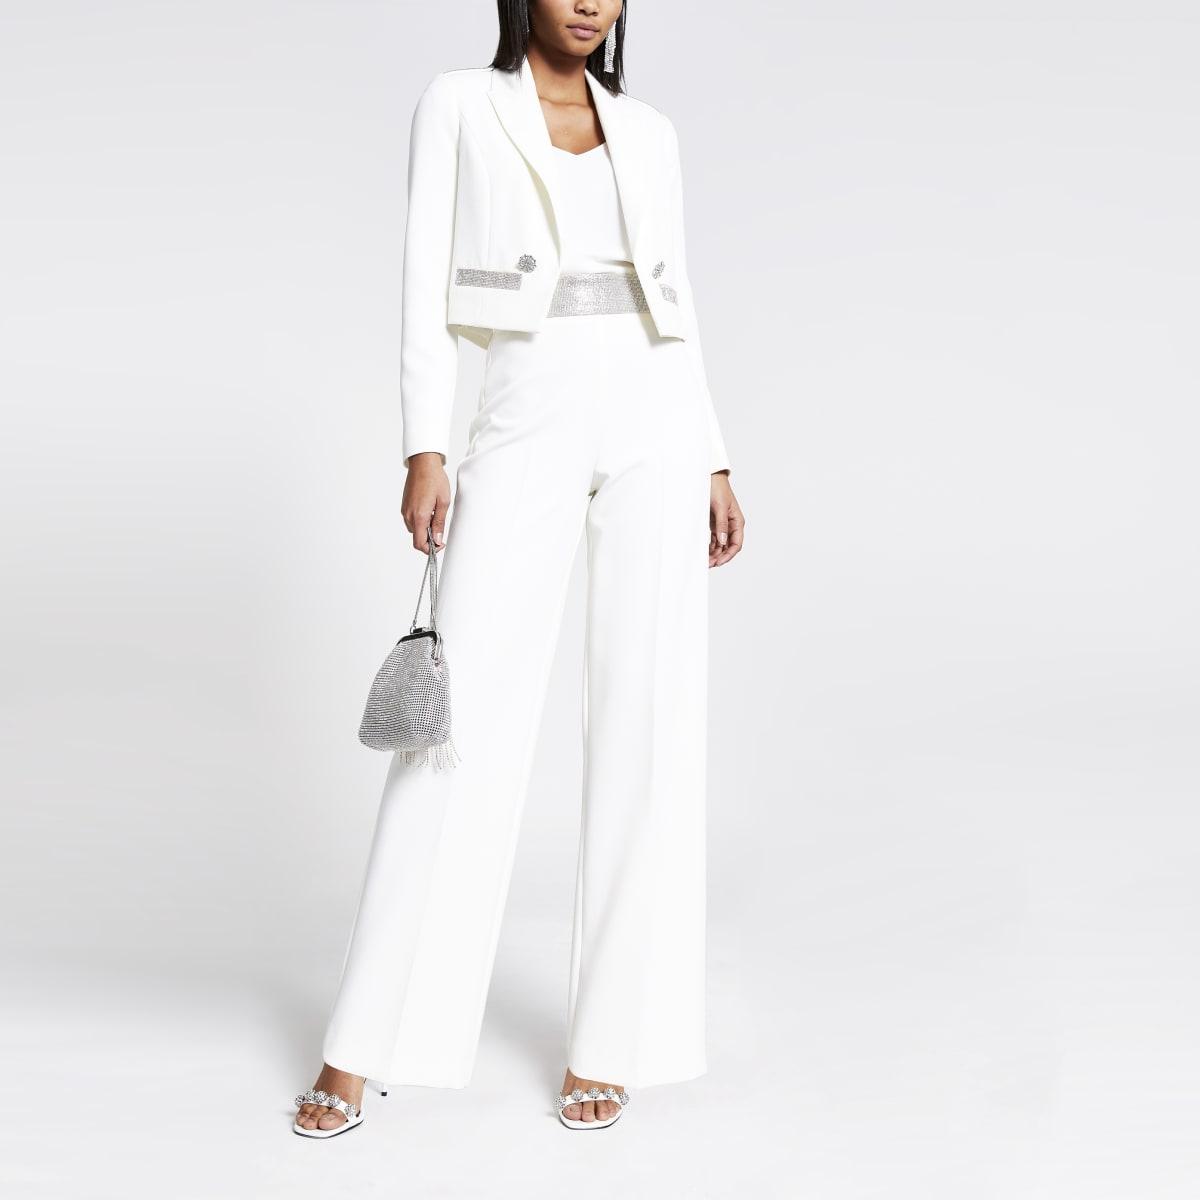 Weiße, hoch geschnittene Hosen mit weitem Beinschnitt und Strass